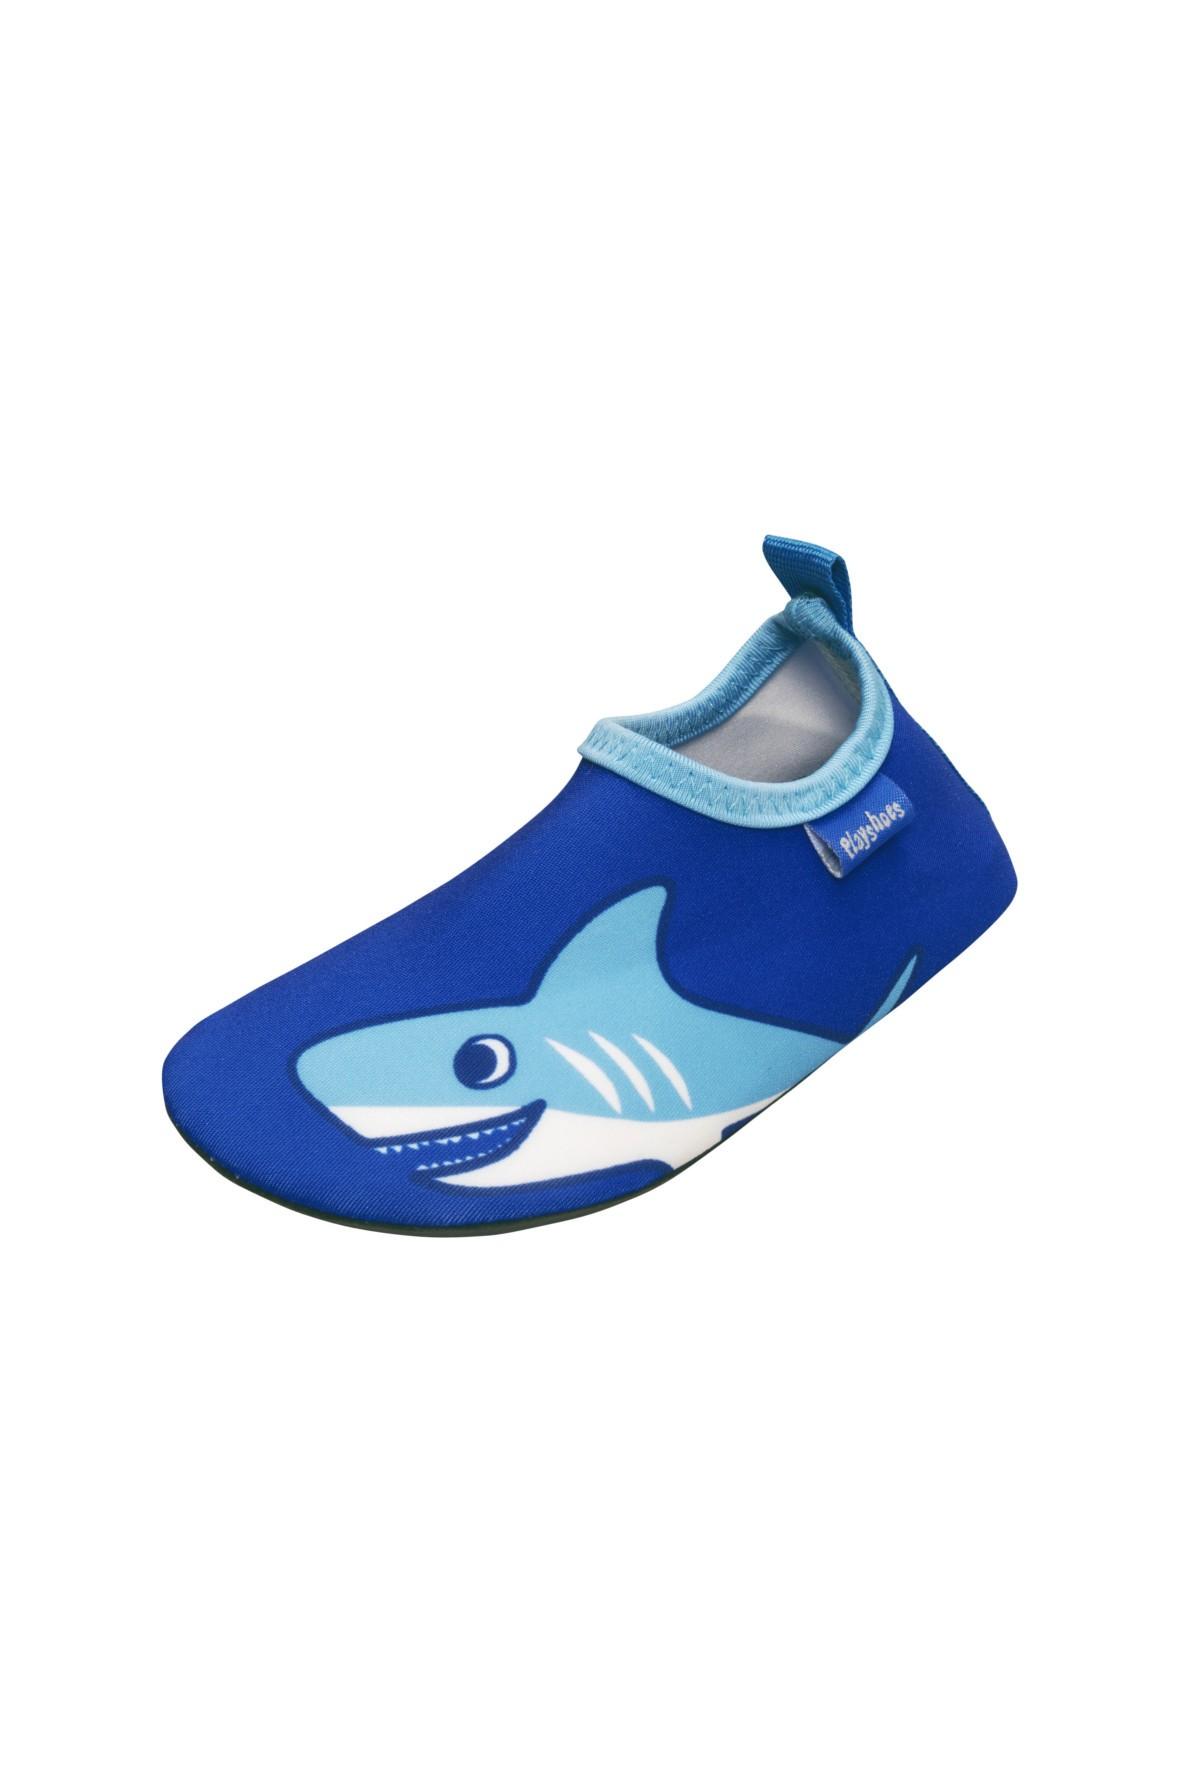 Buty kąpielowe- niebieskie z rekinem